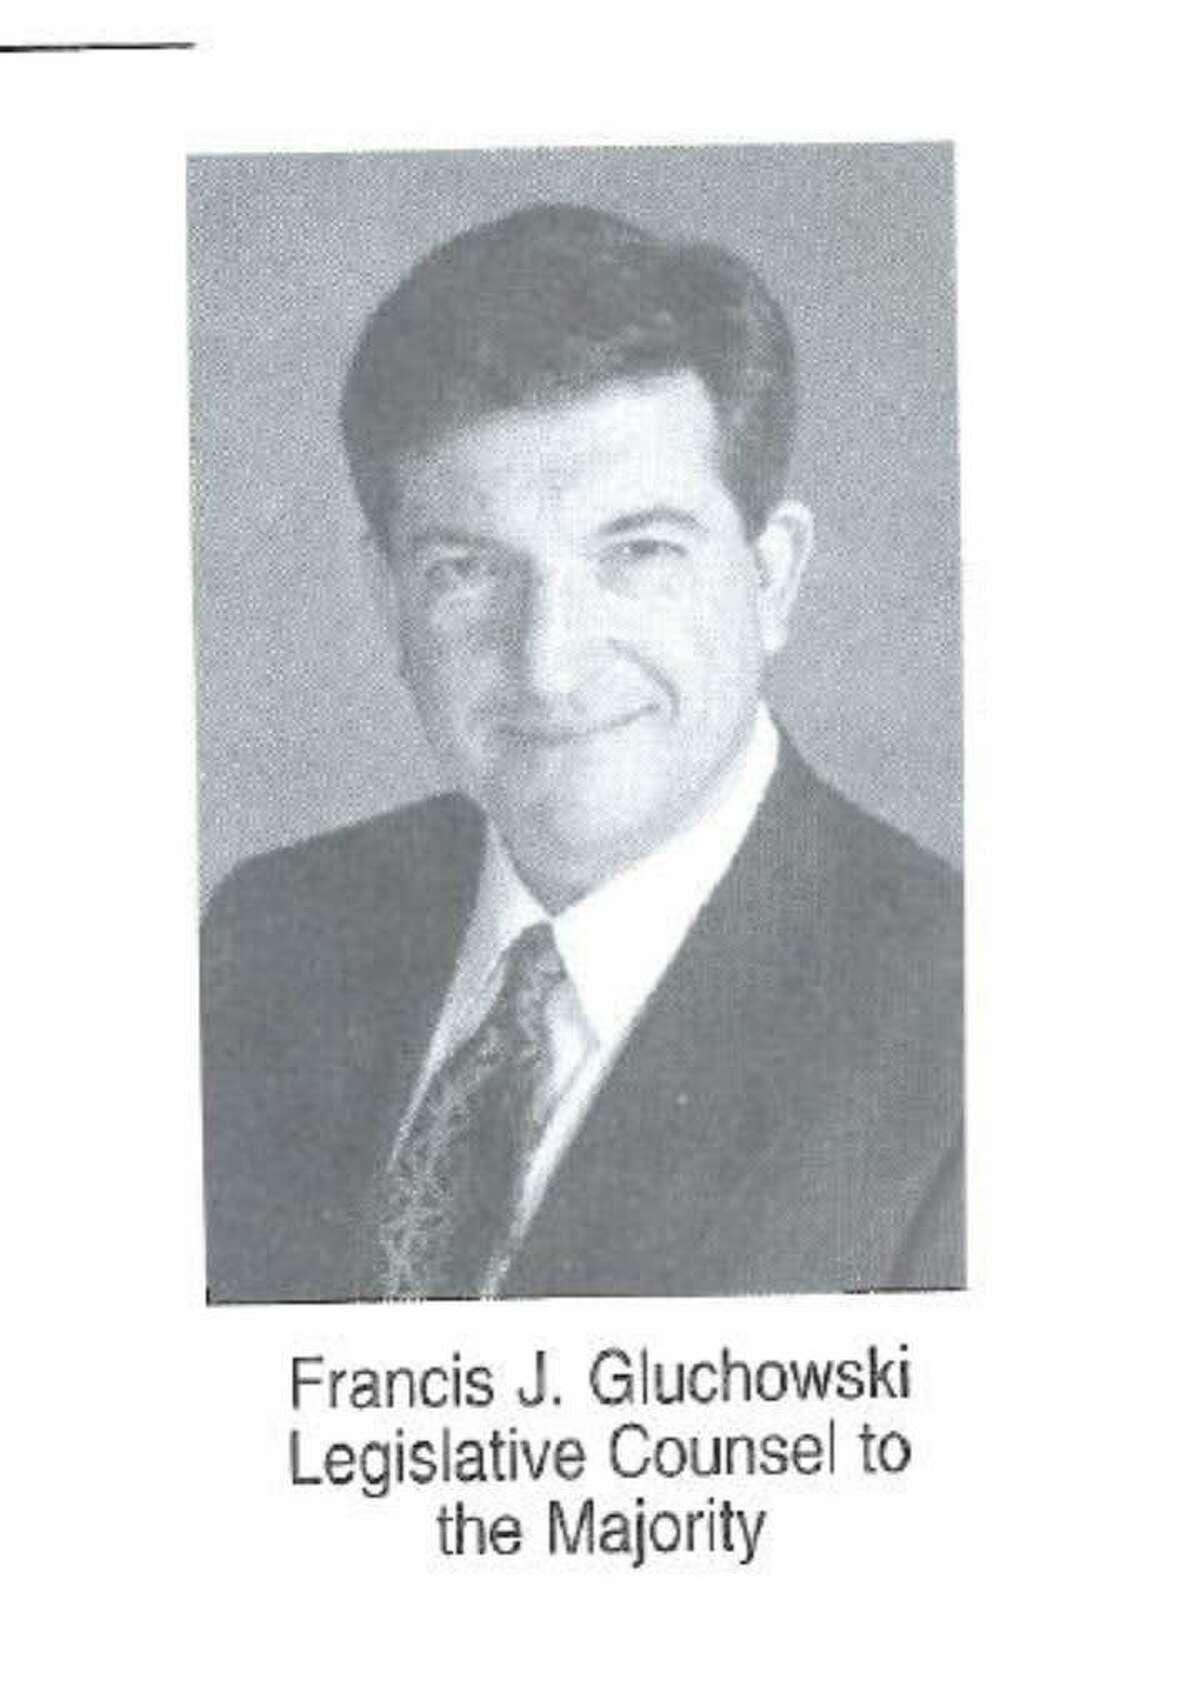 Frank Gluchowski